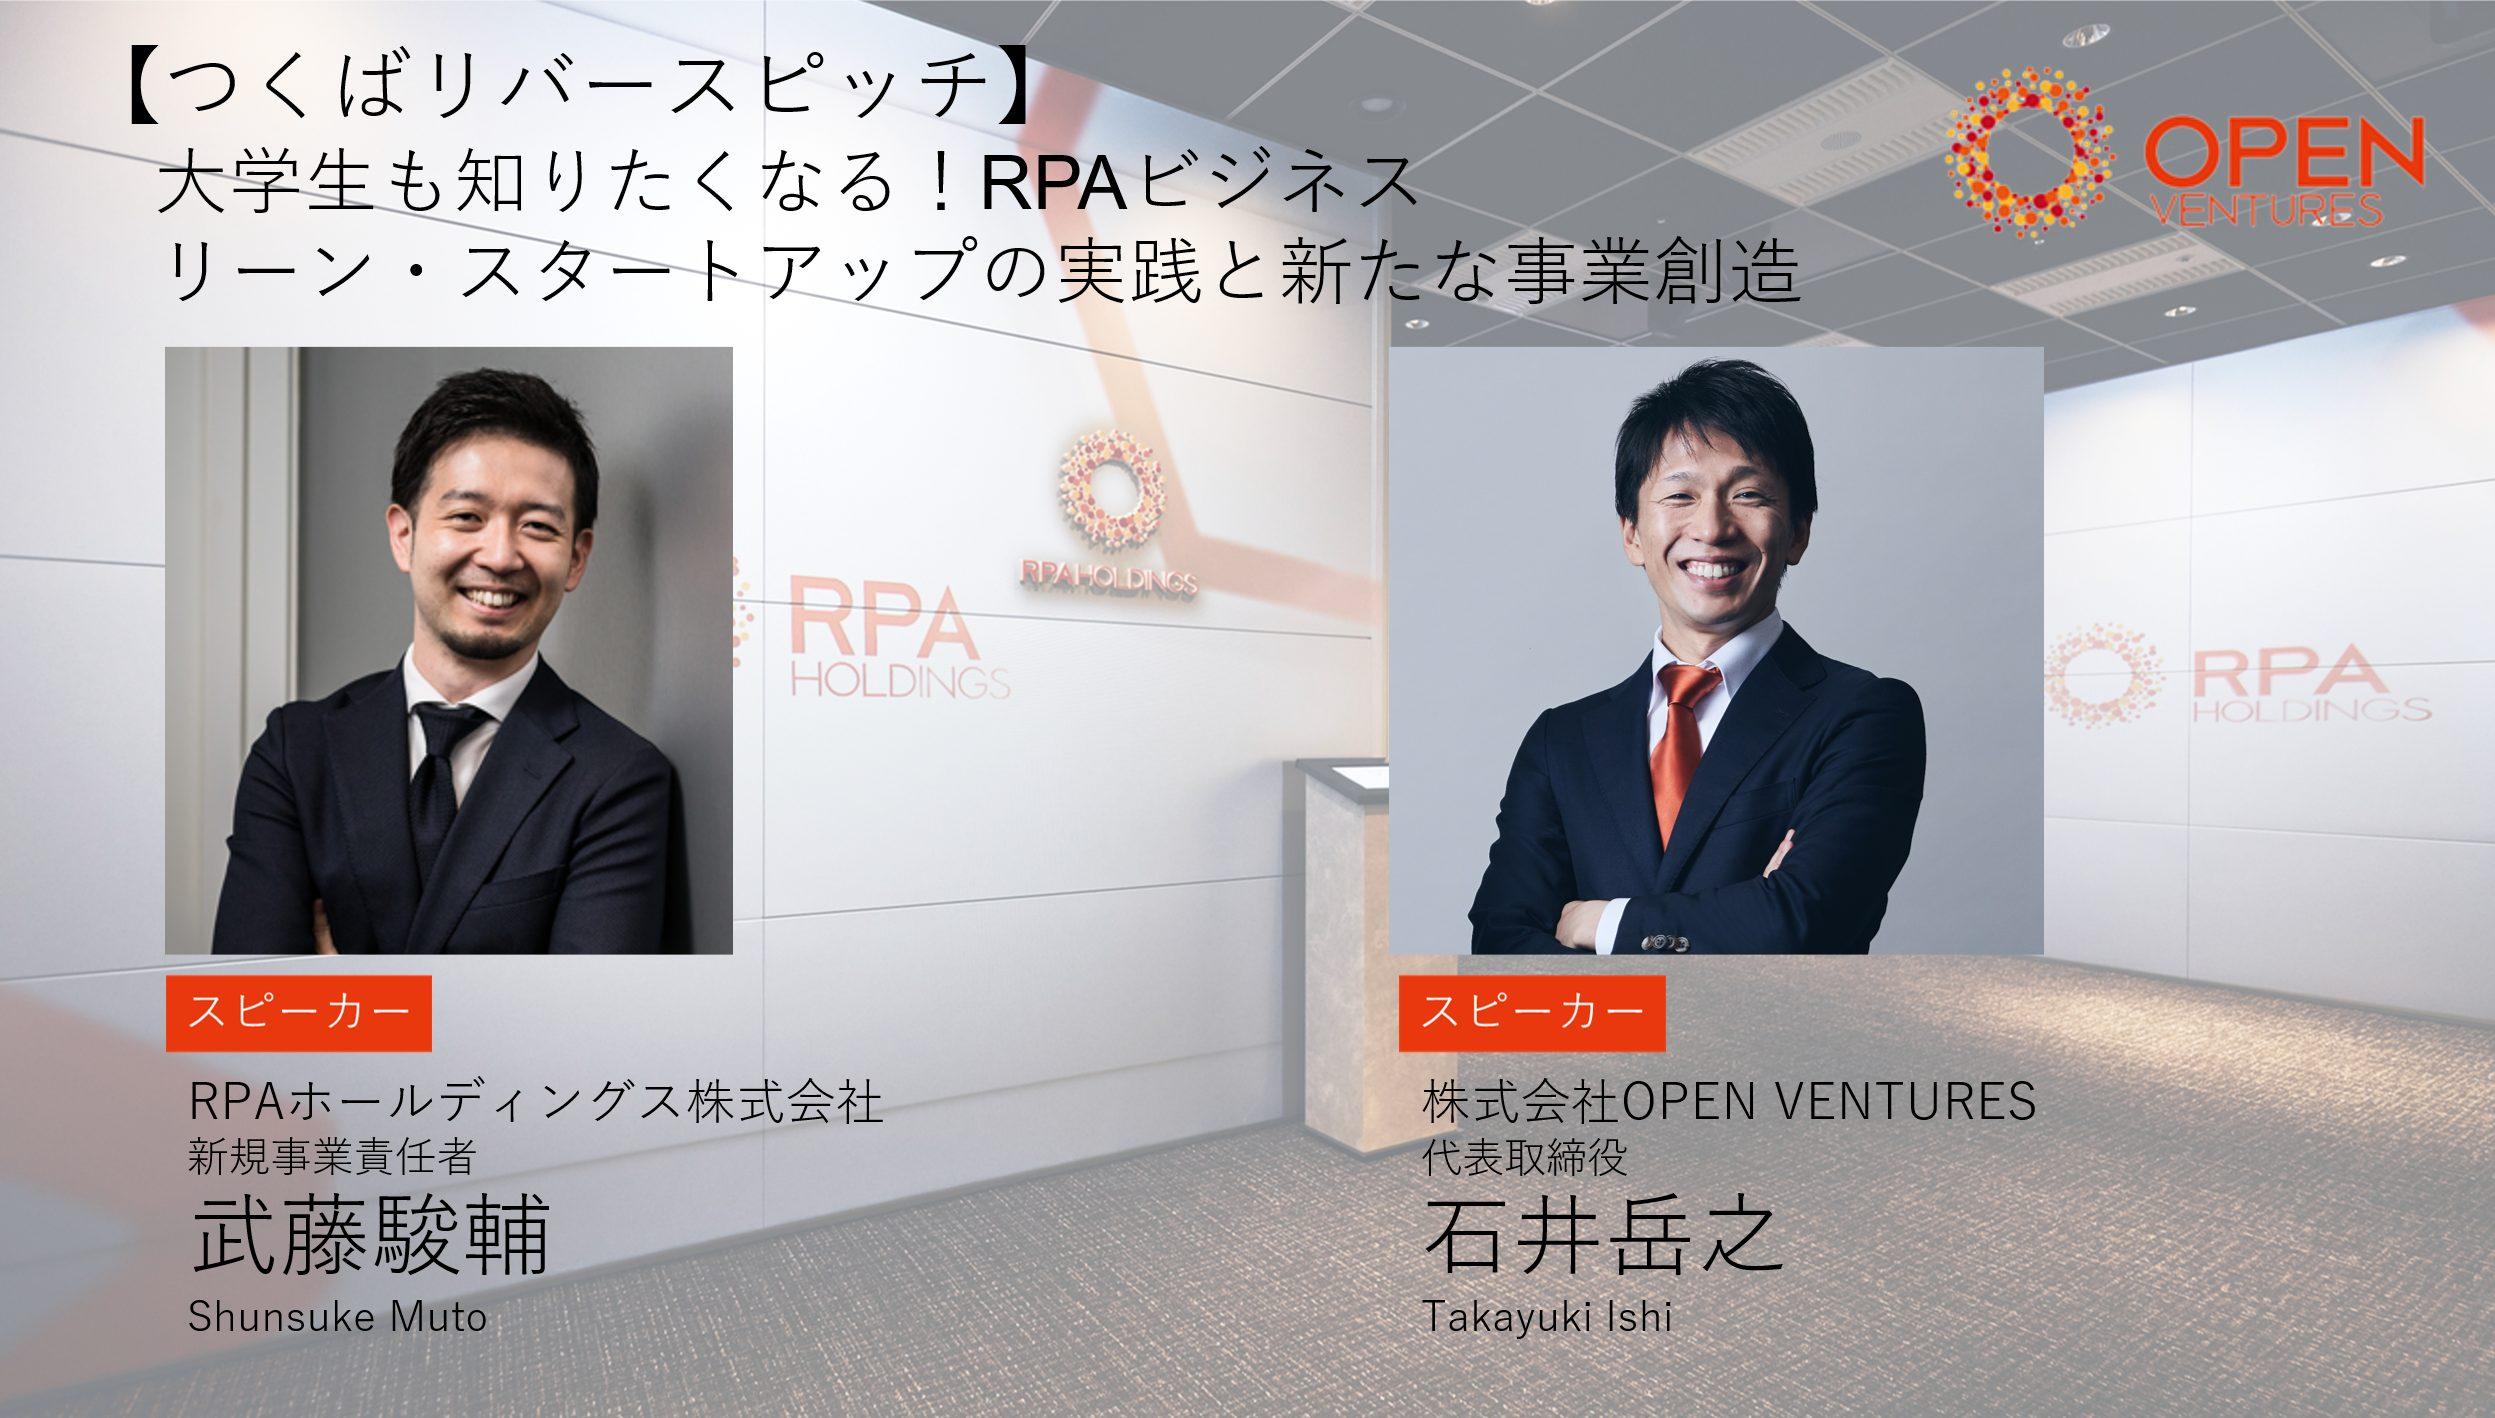 つくばリバースピッチ「大学生も知りたくなる!RPAビジネス -リーン・スタートアップの実践と、新たな事業創造」